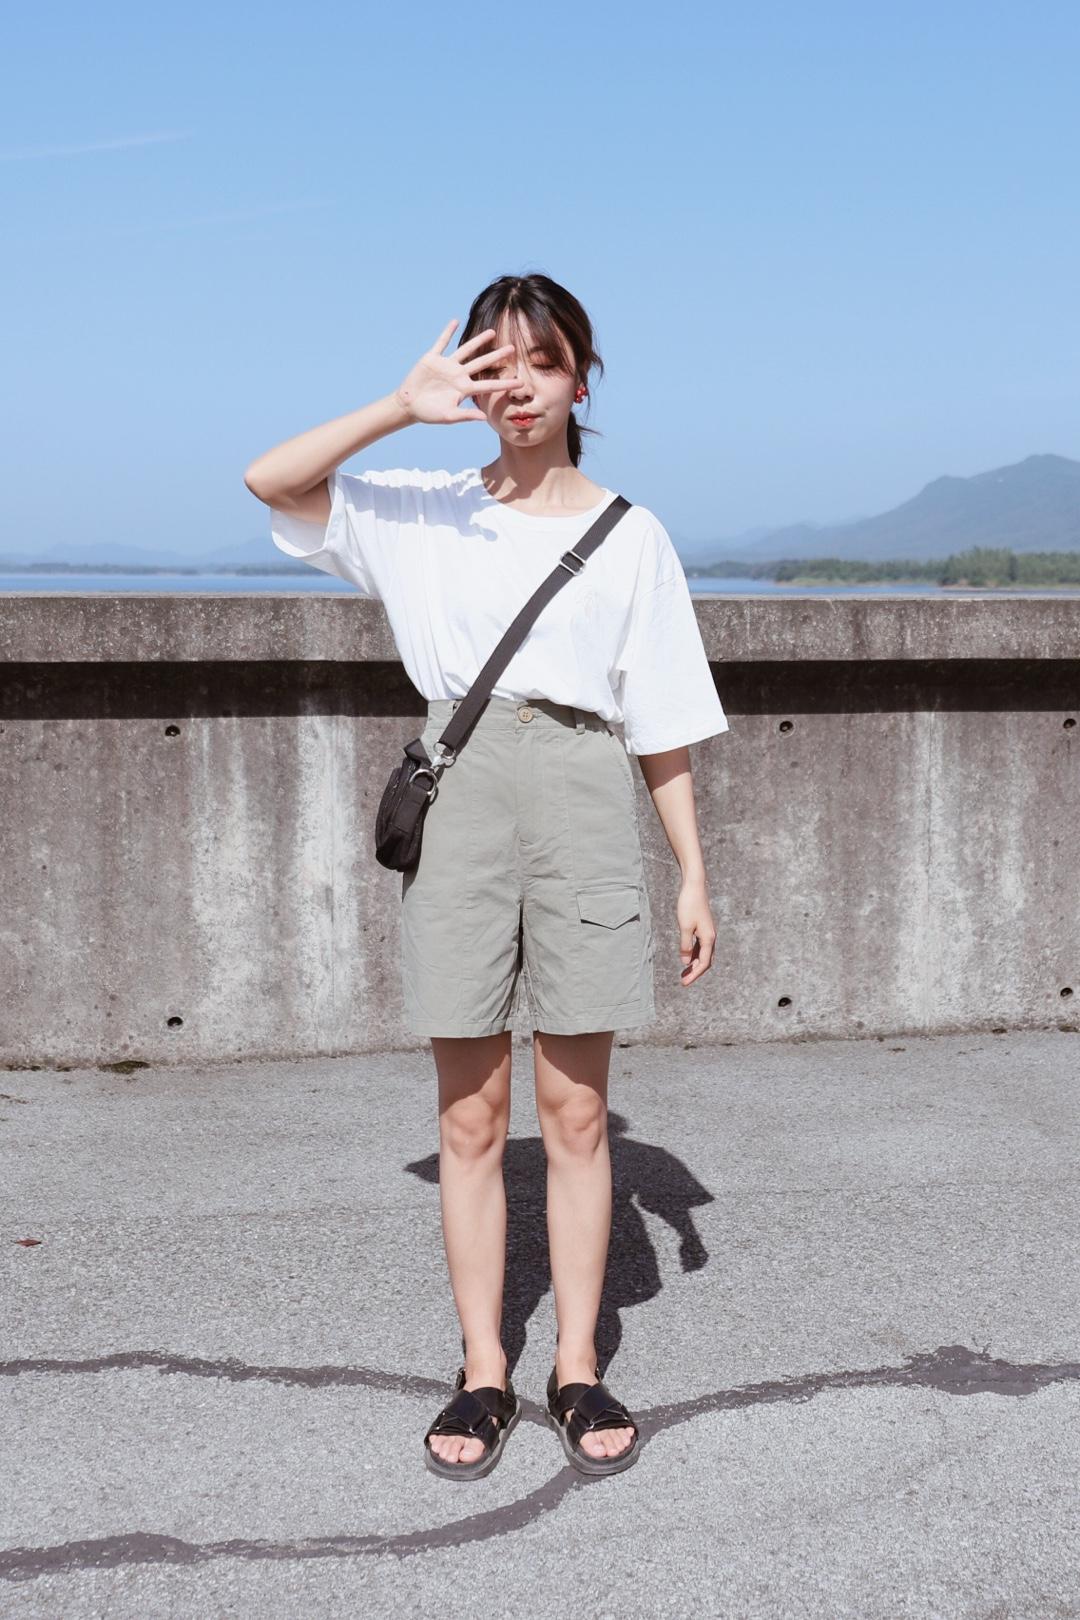 #六一约会不能缺の少女感穿搭#  Hello大家好,这里是大鱼穿搭测评第968期,这一期和大家分享的是短袖穿搭。  .「身高163cm.  体重43kg」,给大家参考下。  🌻白色图案短袖,纯棉宽松款,圆领常规版型,百搭,裤子是比较工装的五分裤,军绿色也是比较酷酷的,减龄显瘦,棉质,试穿S码合身。  ✌️喜欢记得给我点赞留言哦!!